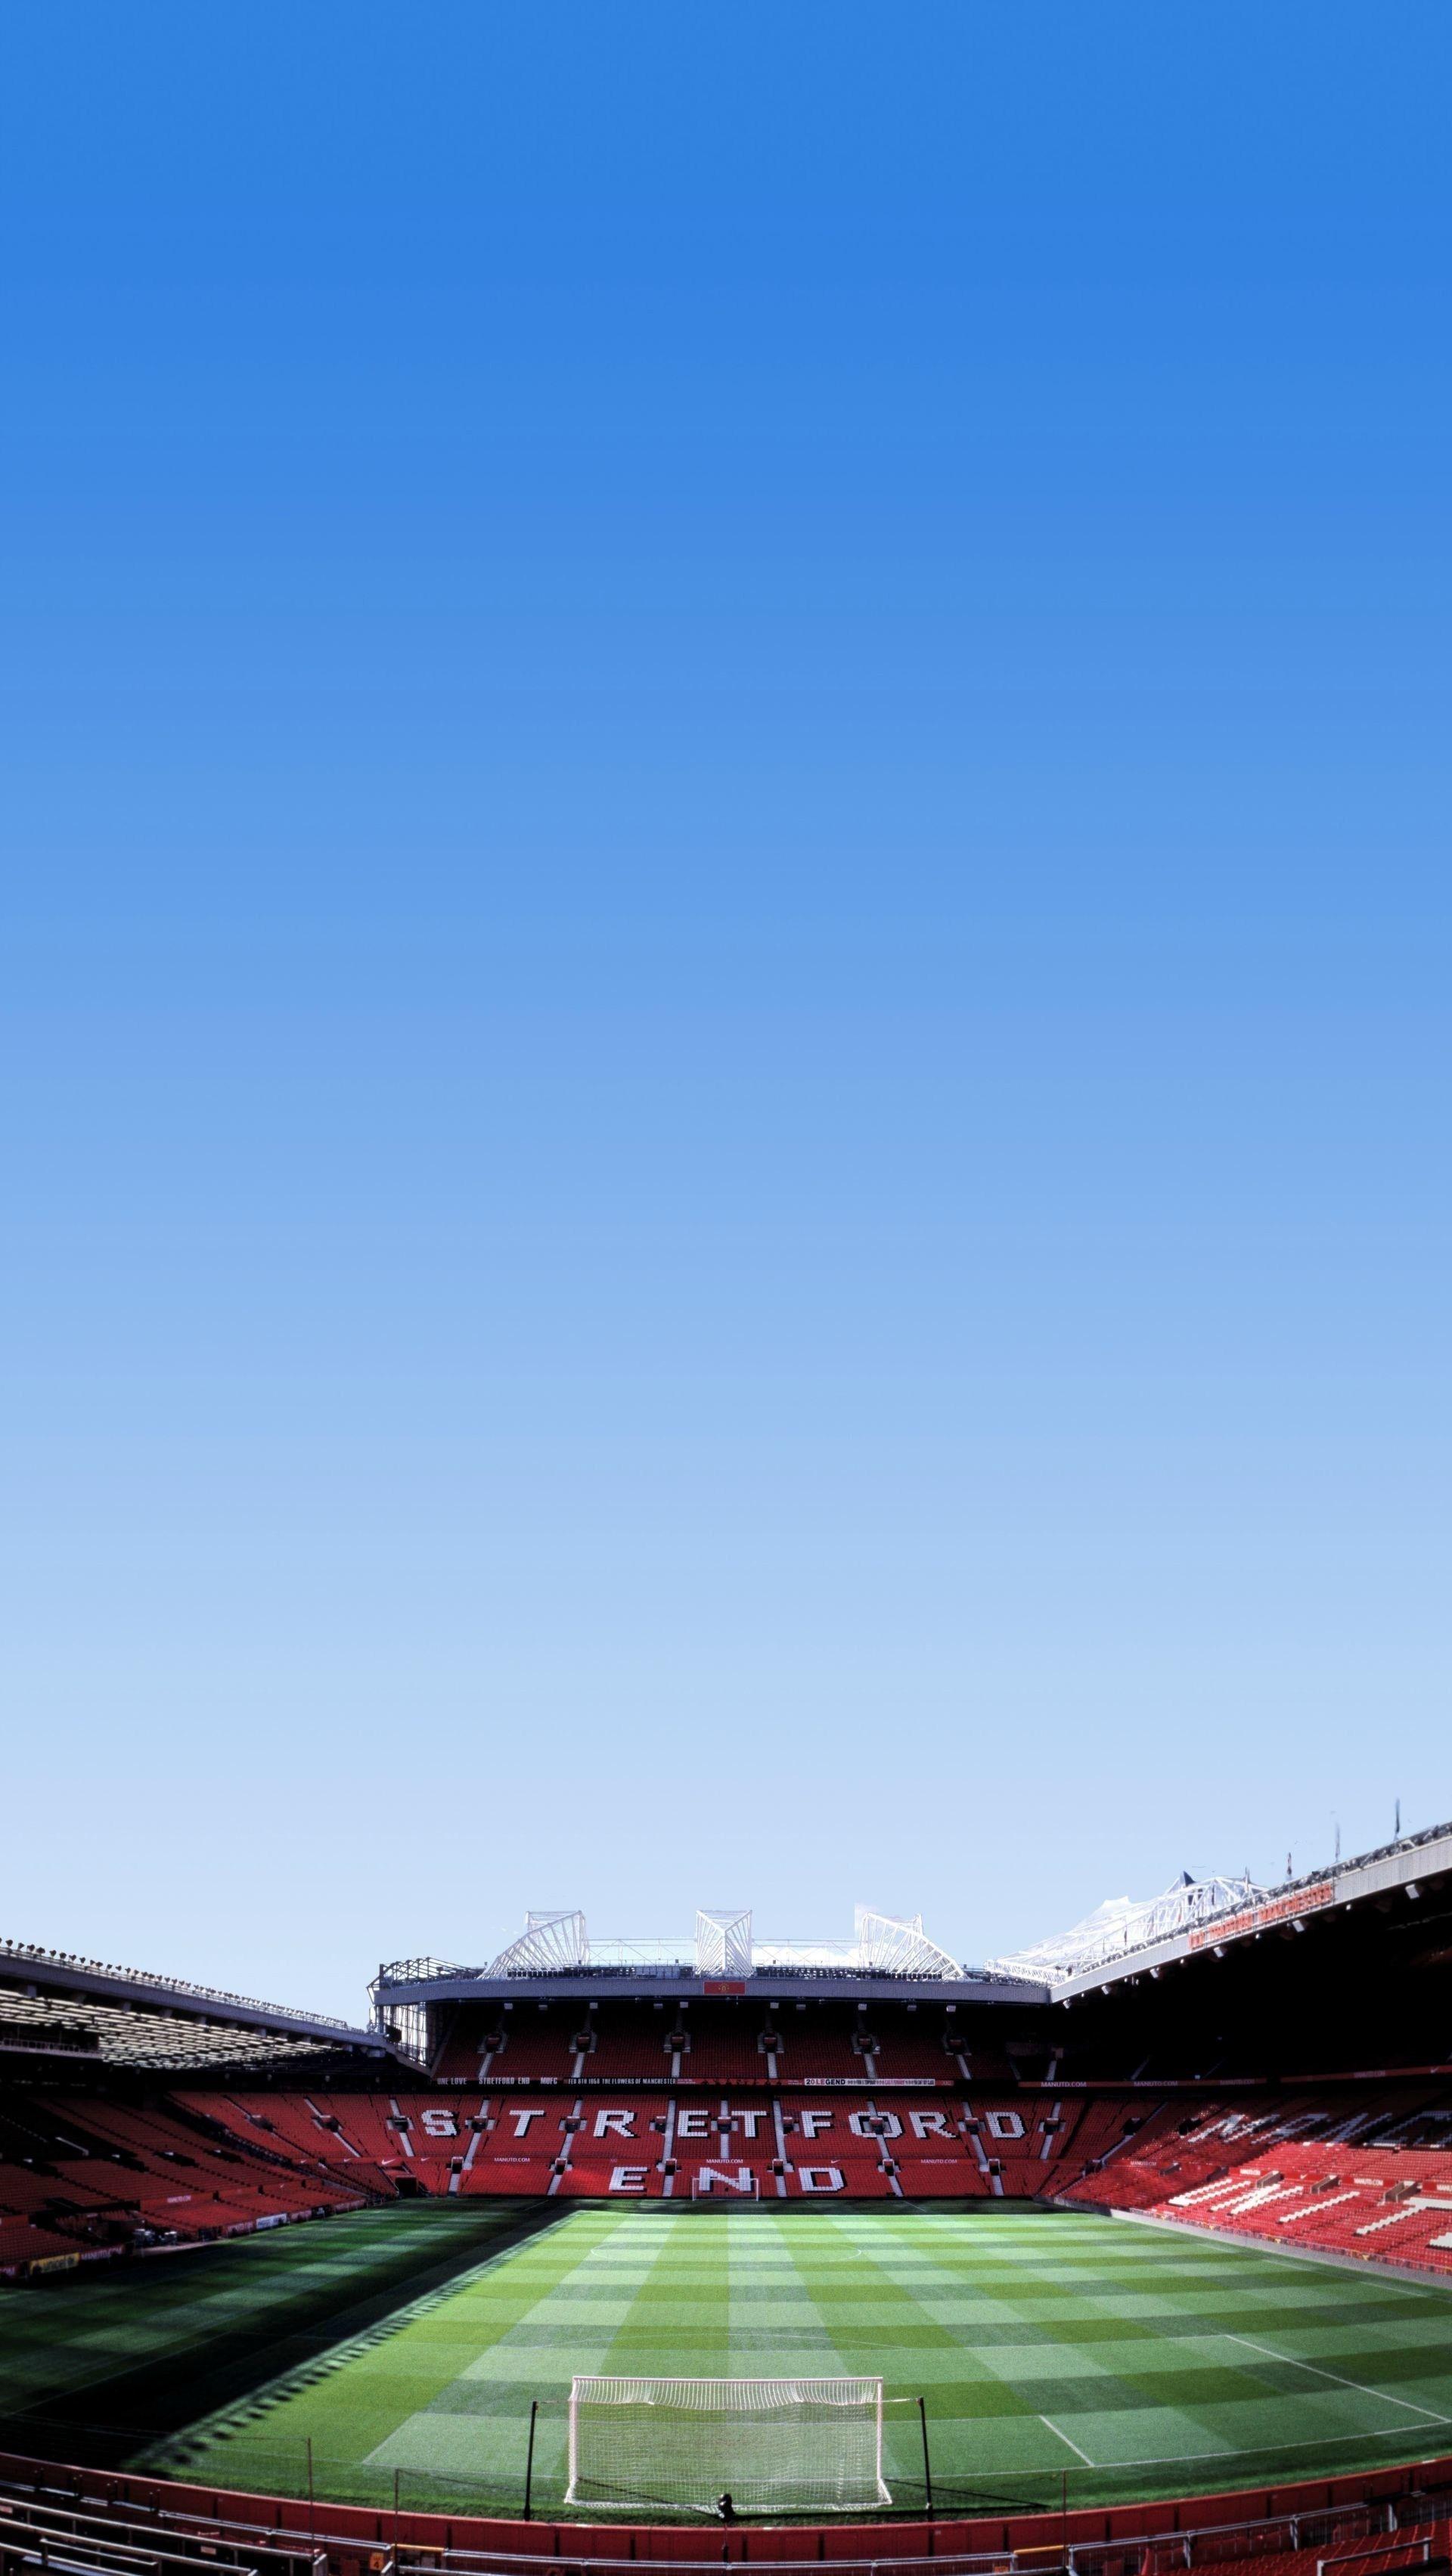 Inspirational Old Trafford Iphone 6 Wallpaper Liga Inggris Olahraga Sepak Bola